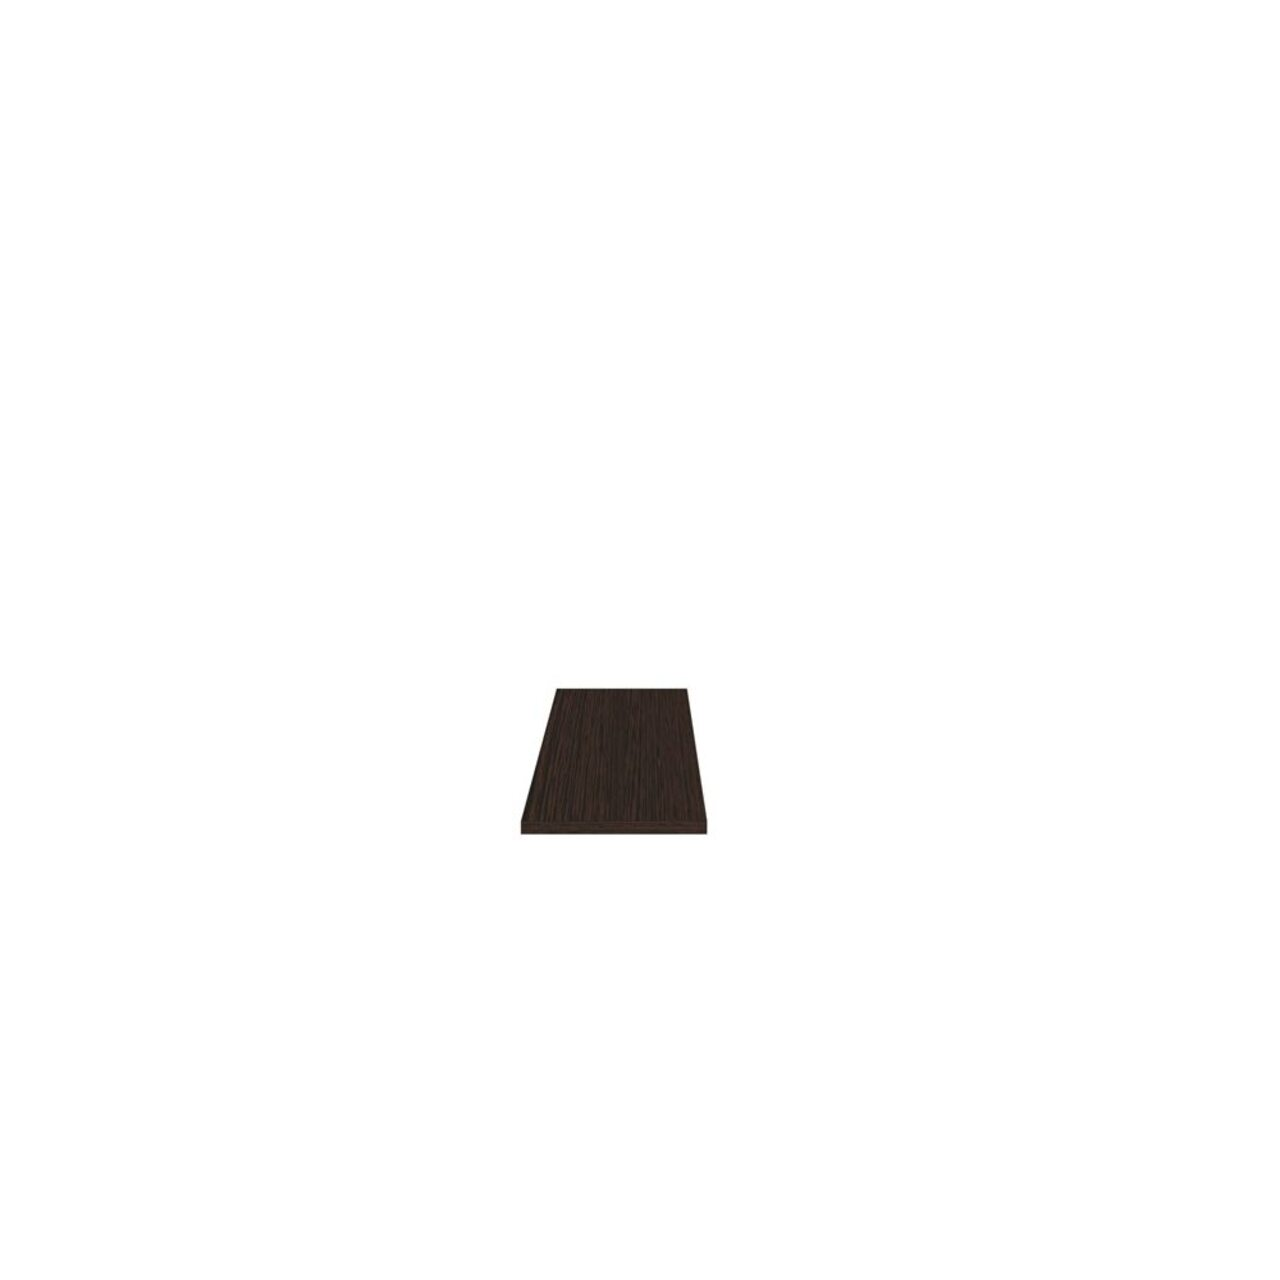 Топ декоративный для стеллажей  Бонд 176x46x4 - фото 4